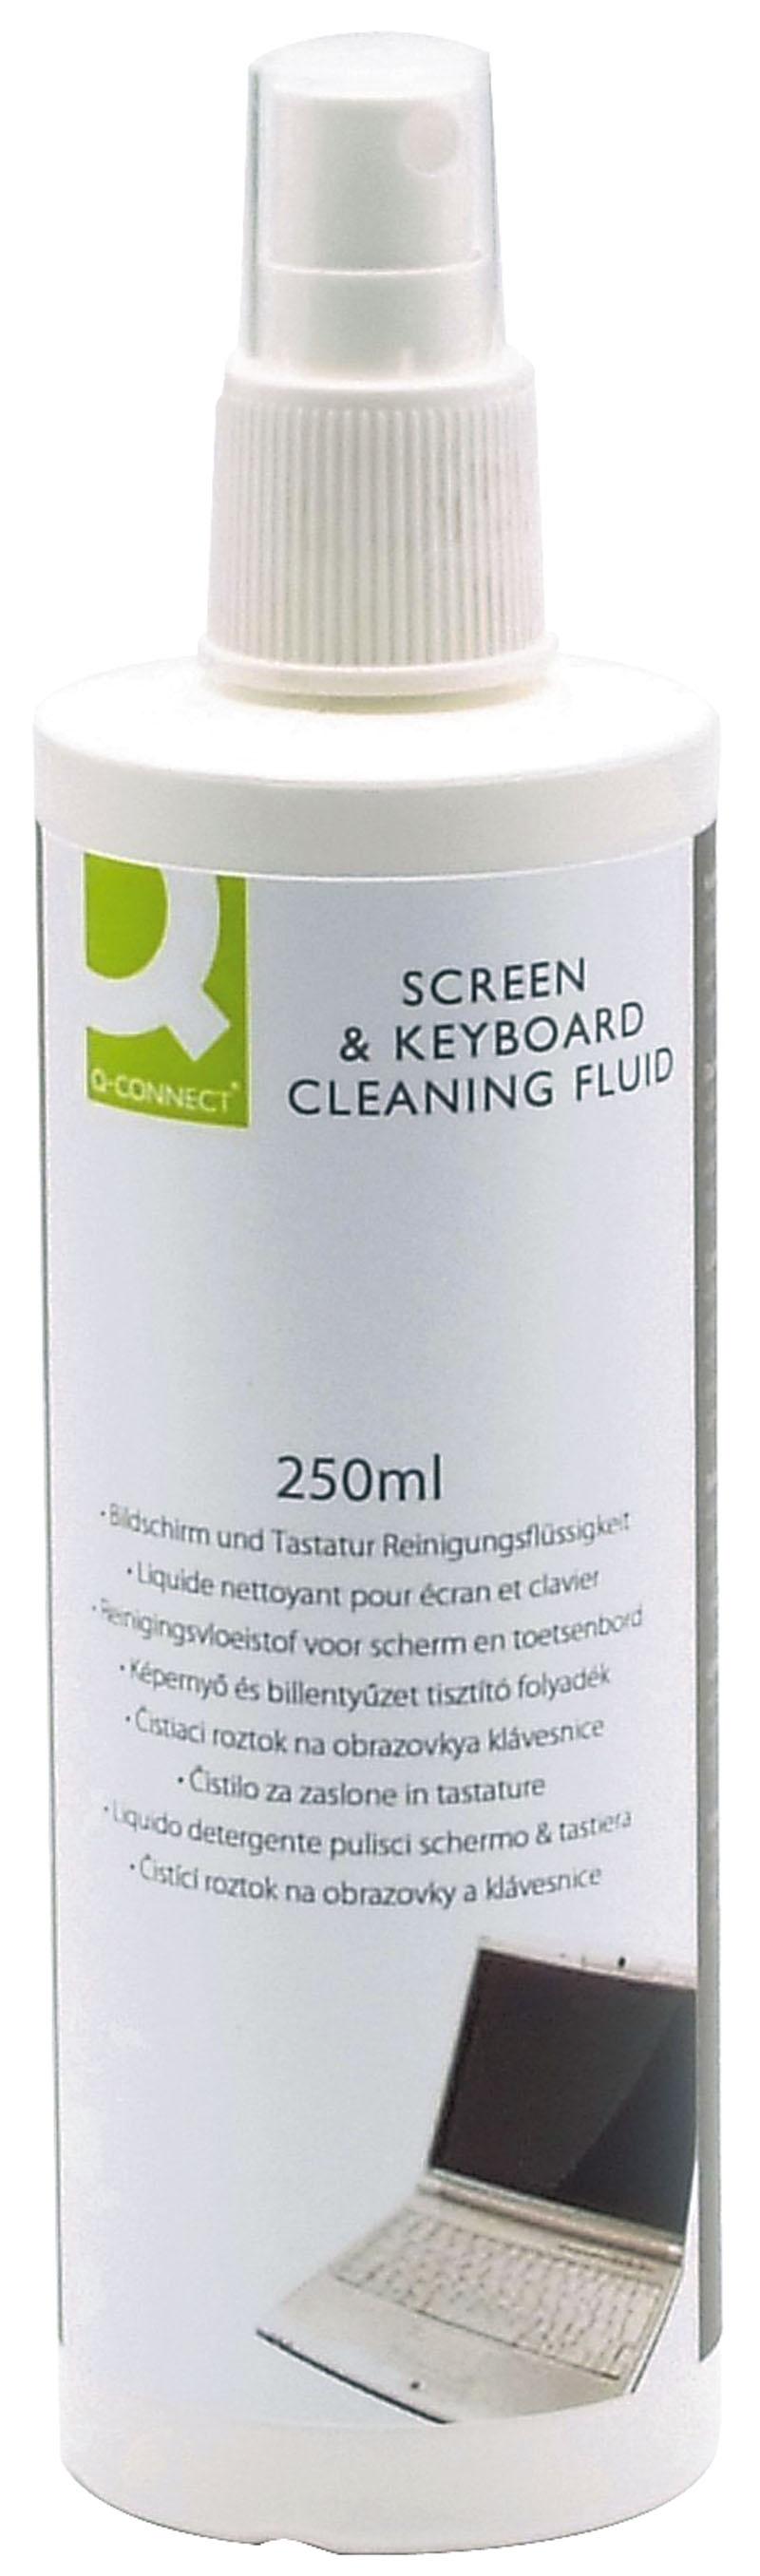 Spray do czyszczenia ekranów TFT/LCD/LED i klawiatur Q-CONNECT, 250ml, Środki czyszczące, Akcesoria komputerowe